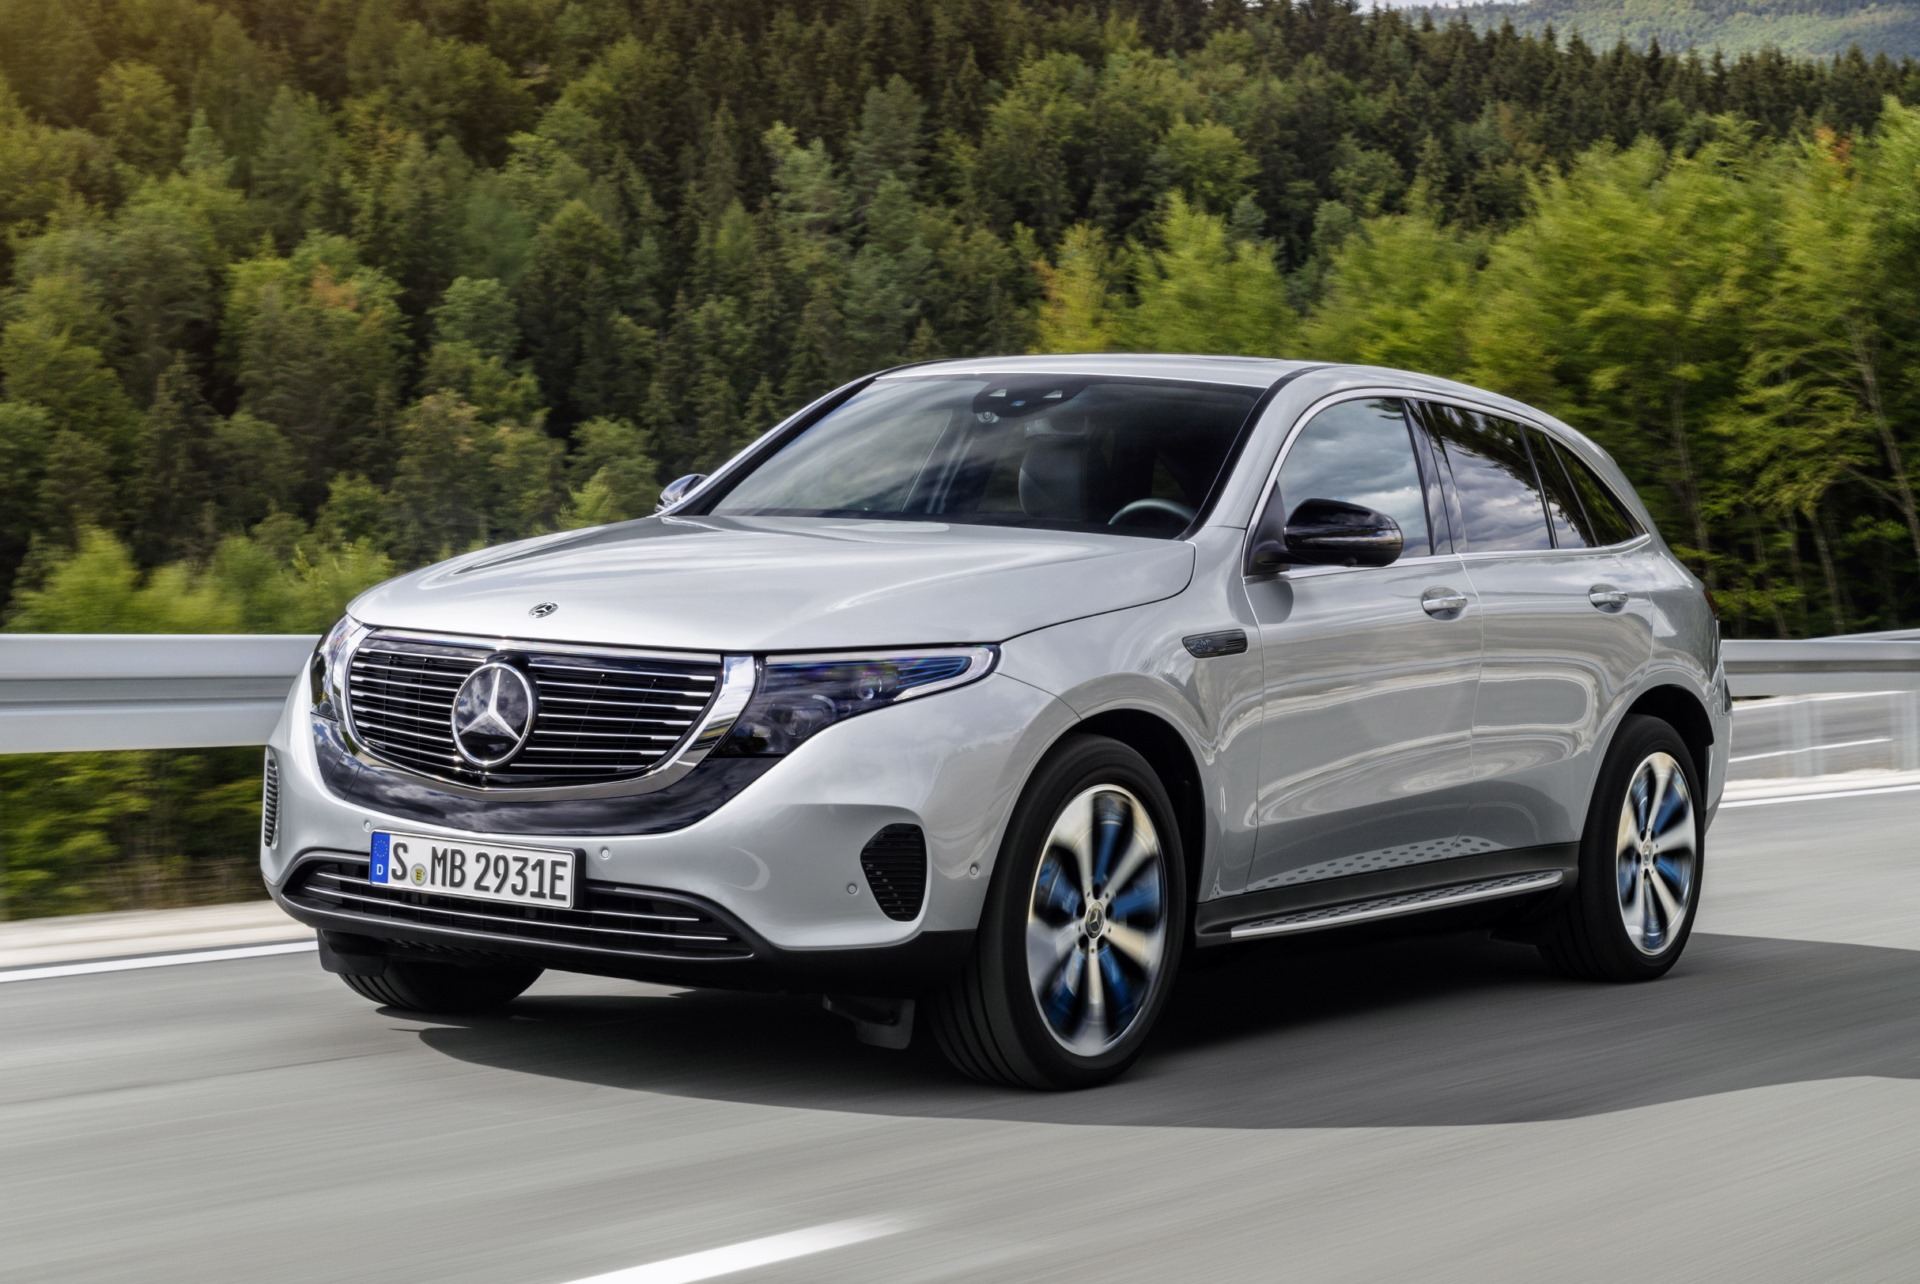 Mercedes Eqc Elektro Suv Auf Glc Basis Kommt Mitte 2019